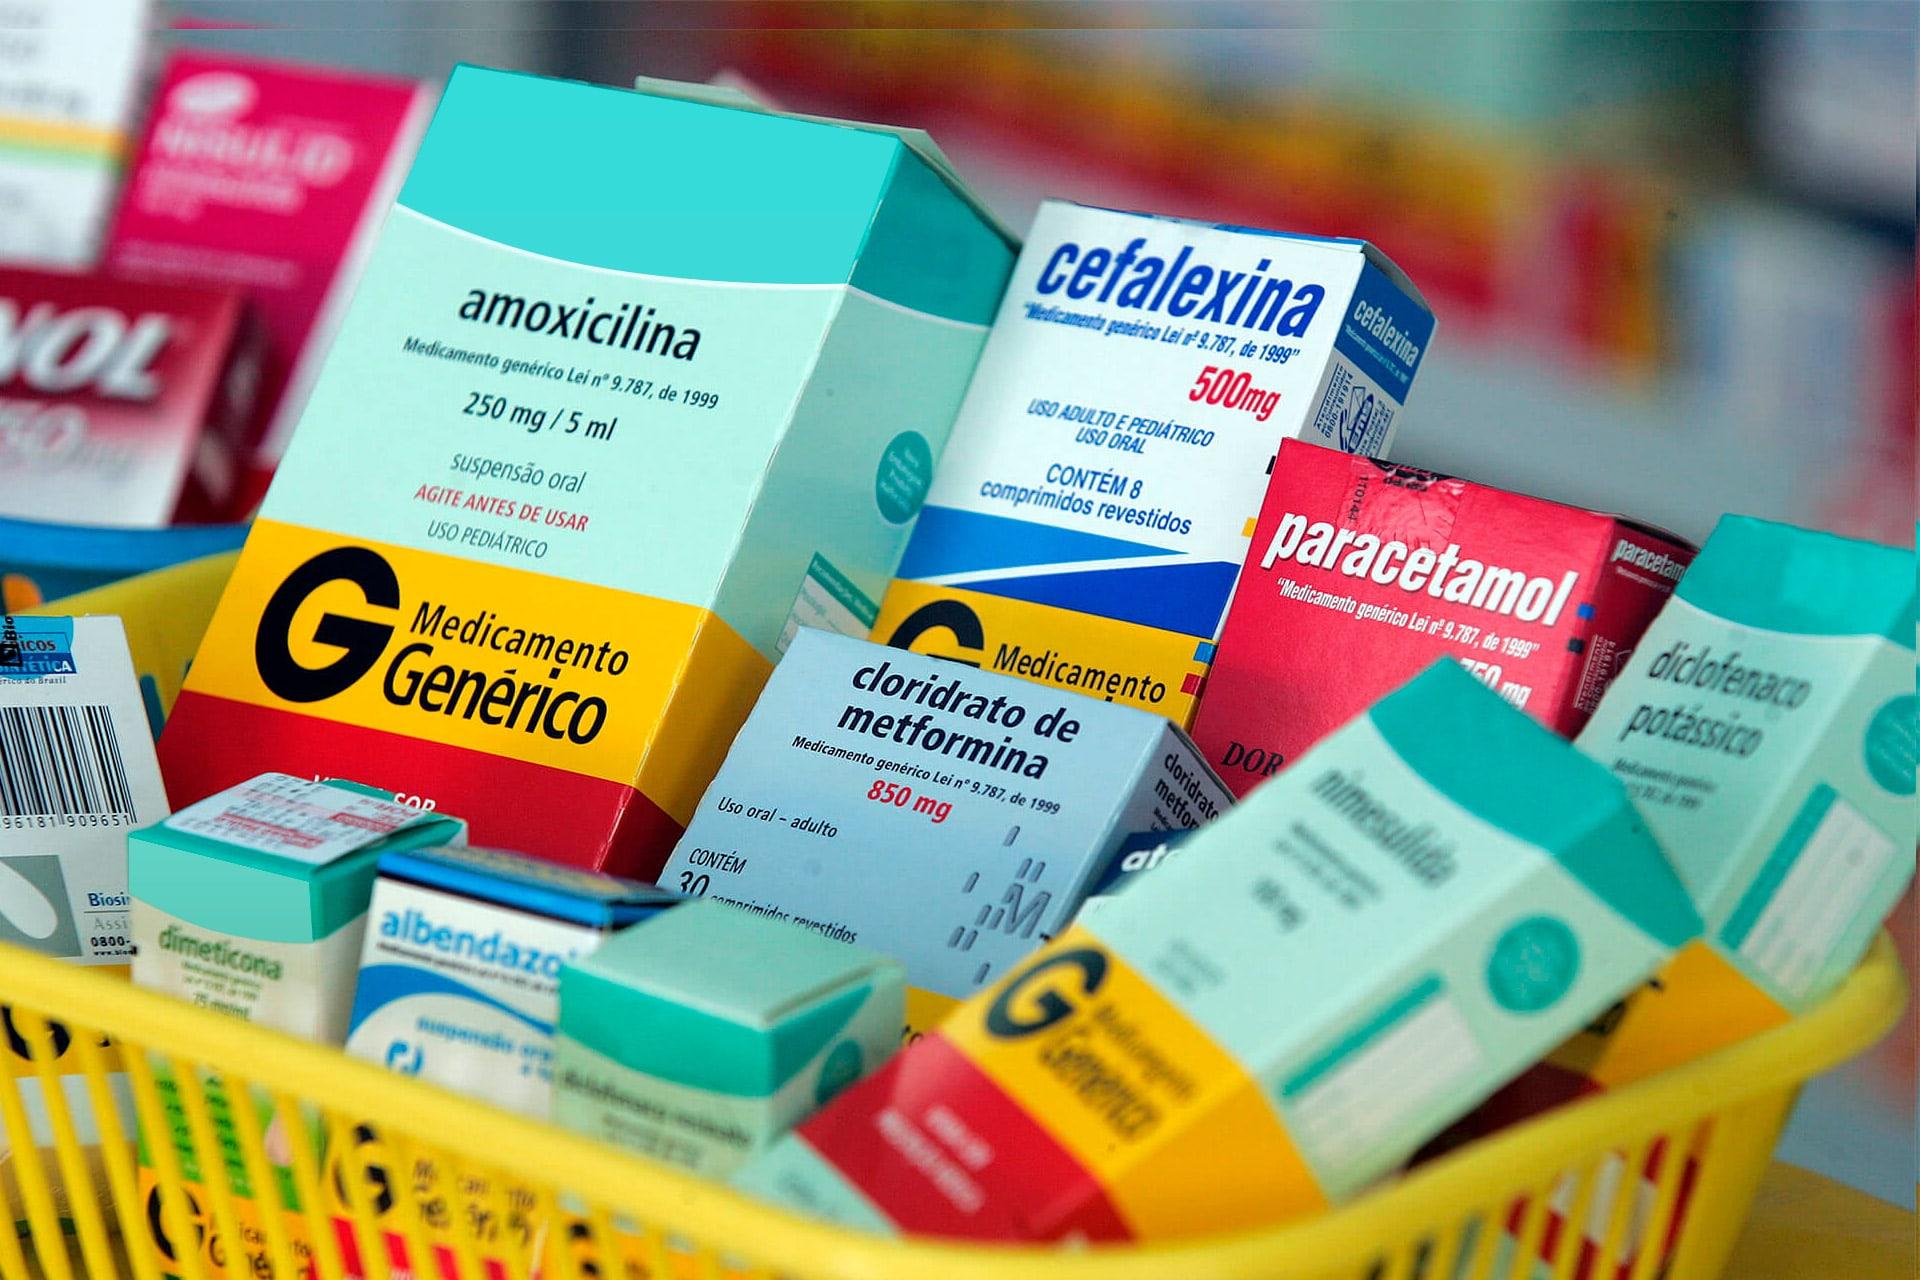 Nova Natural farmácia de manipulação e homeopatia Campinas banner blog remédios medicamentos genéricos comparação